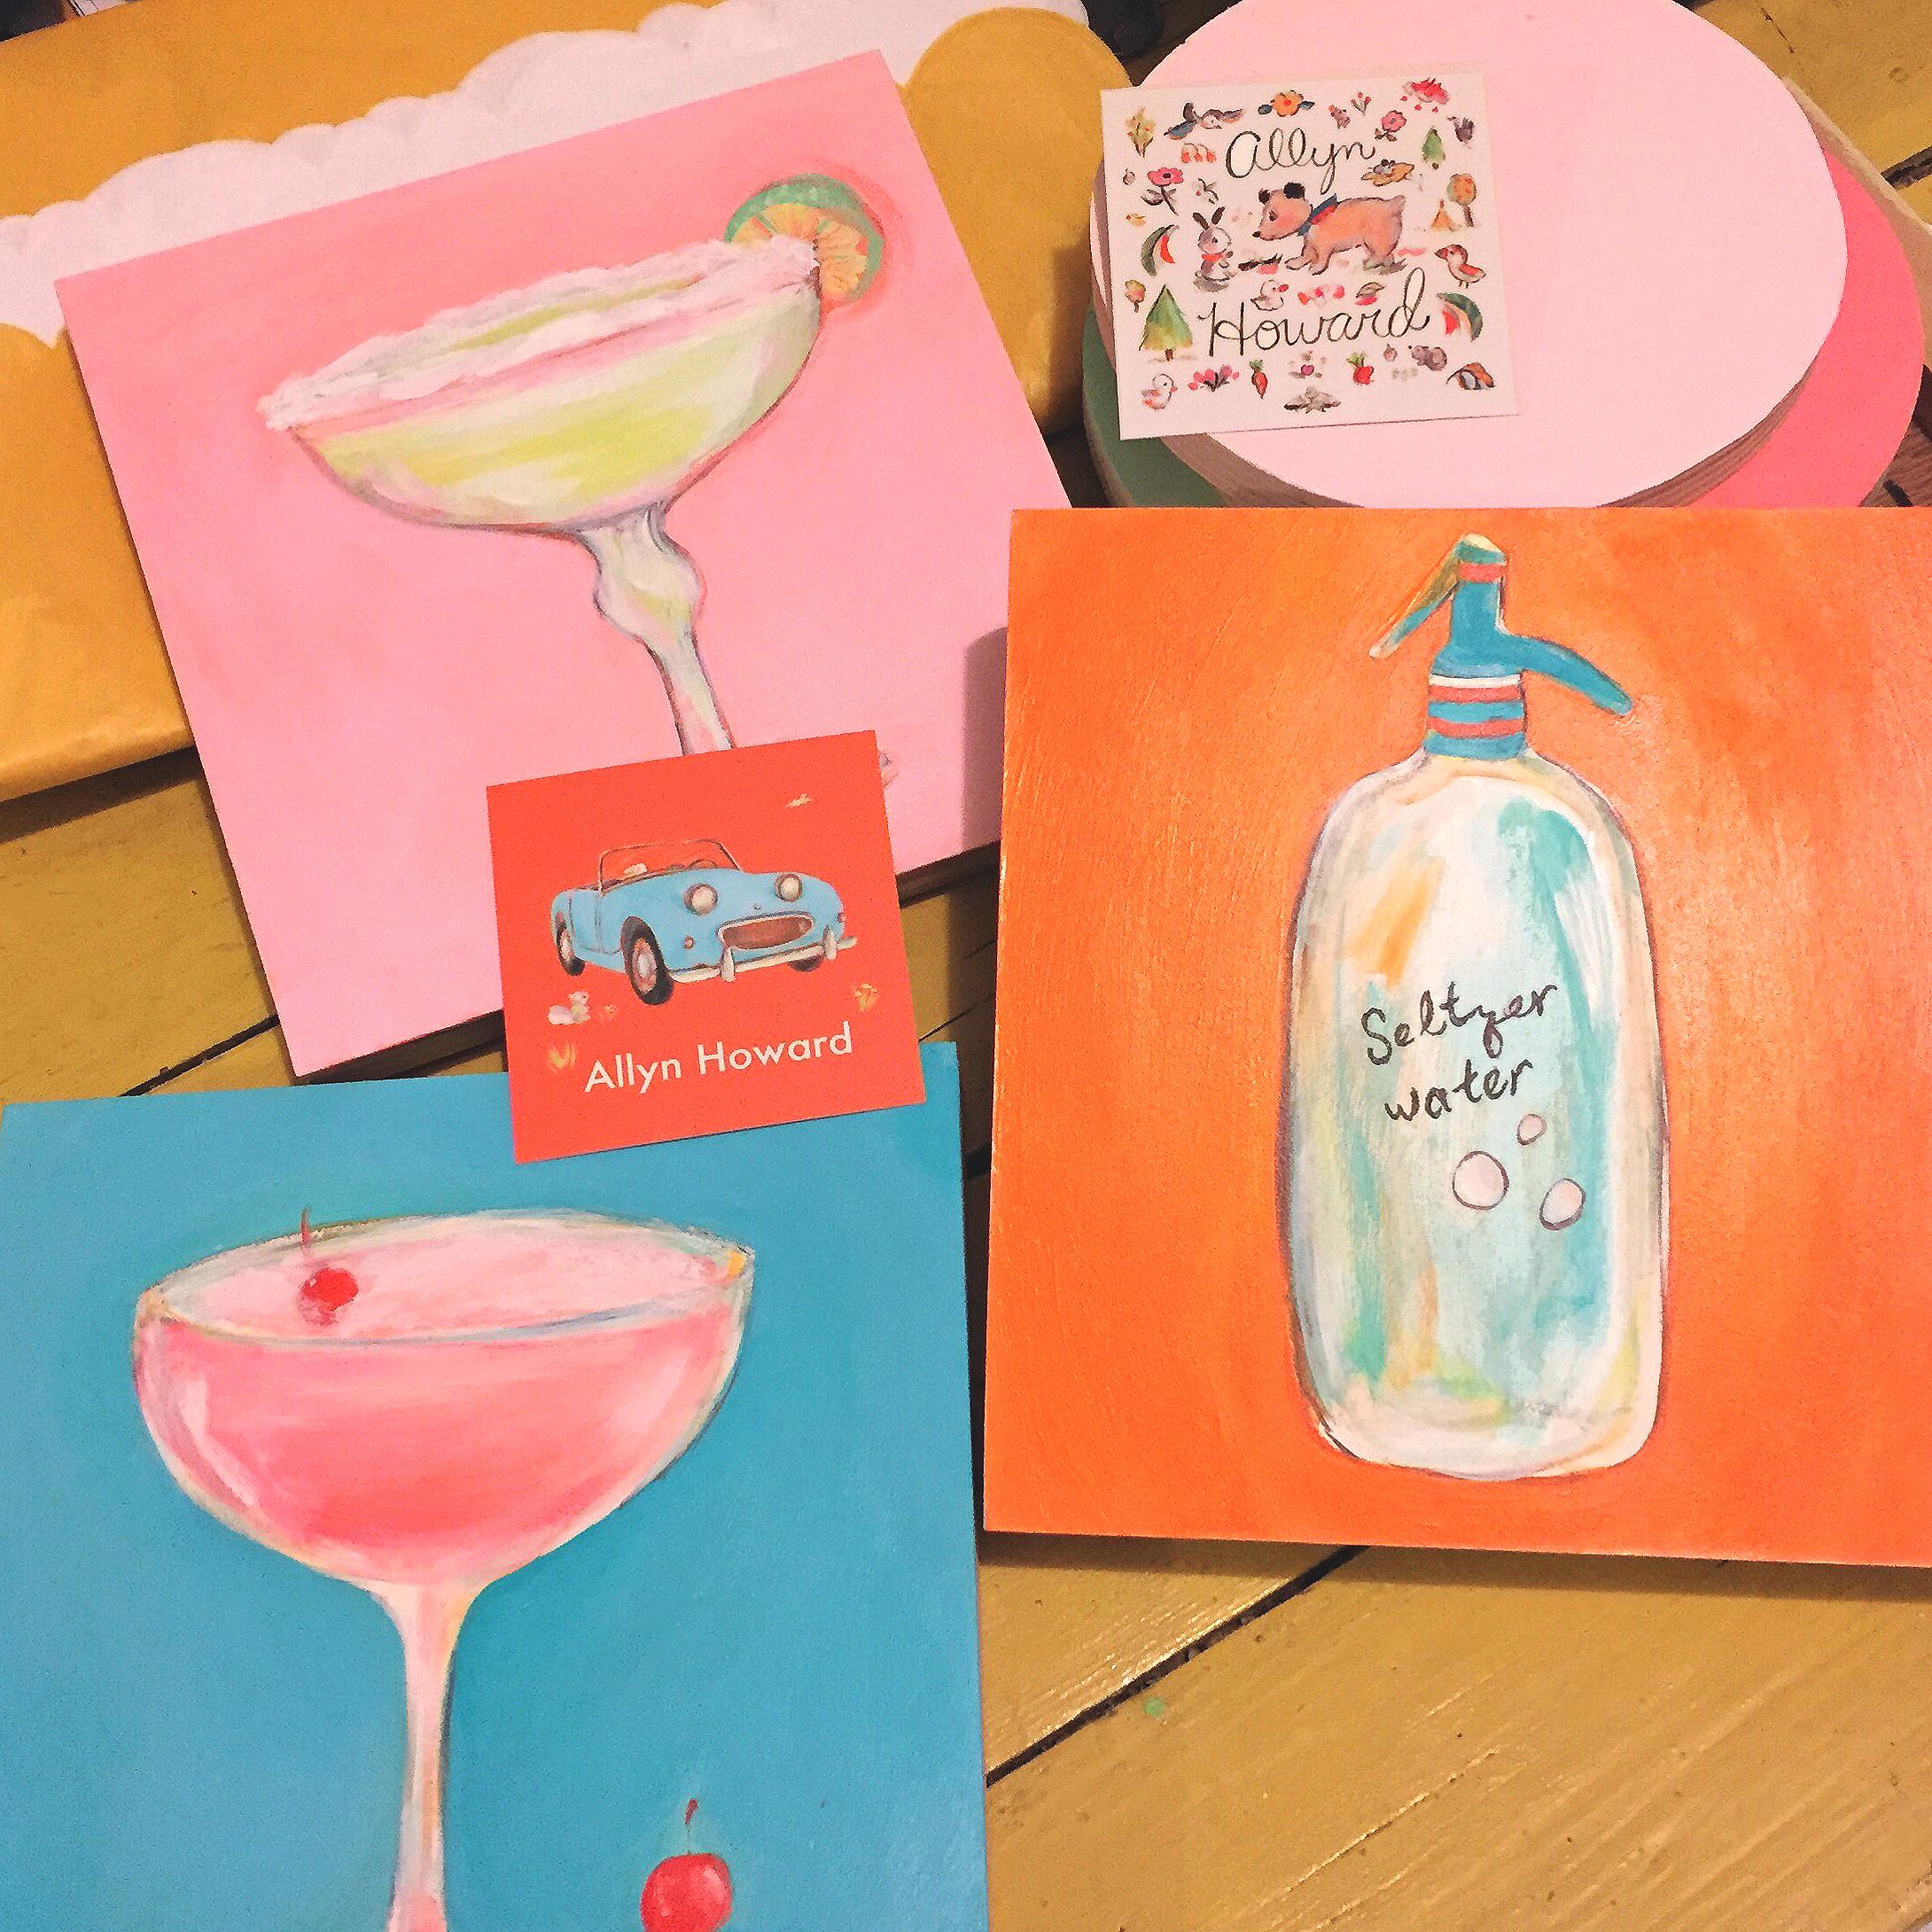 Allyn_Howard_cocktails_paintings.jpg